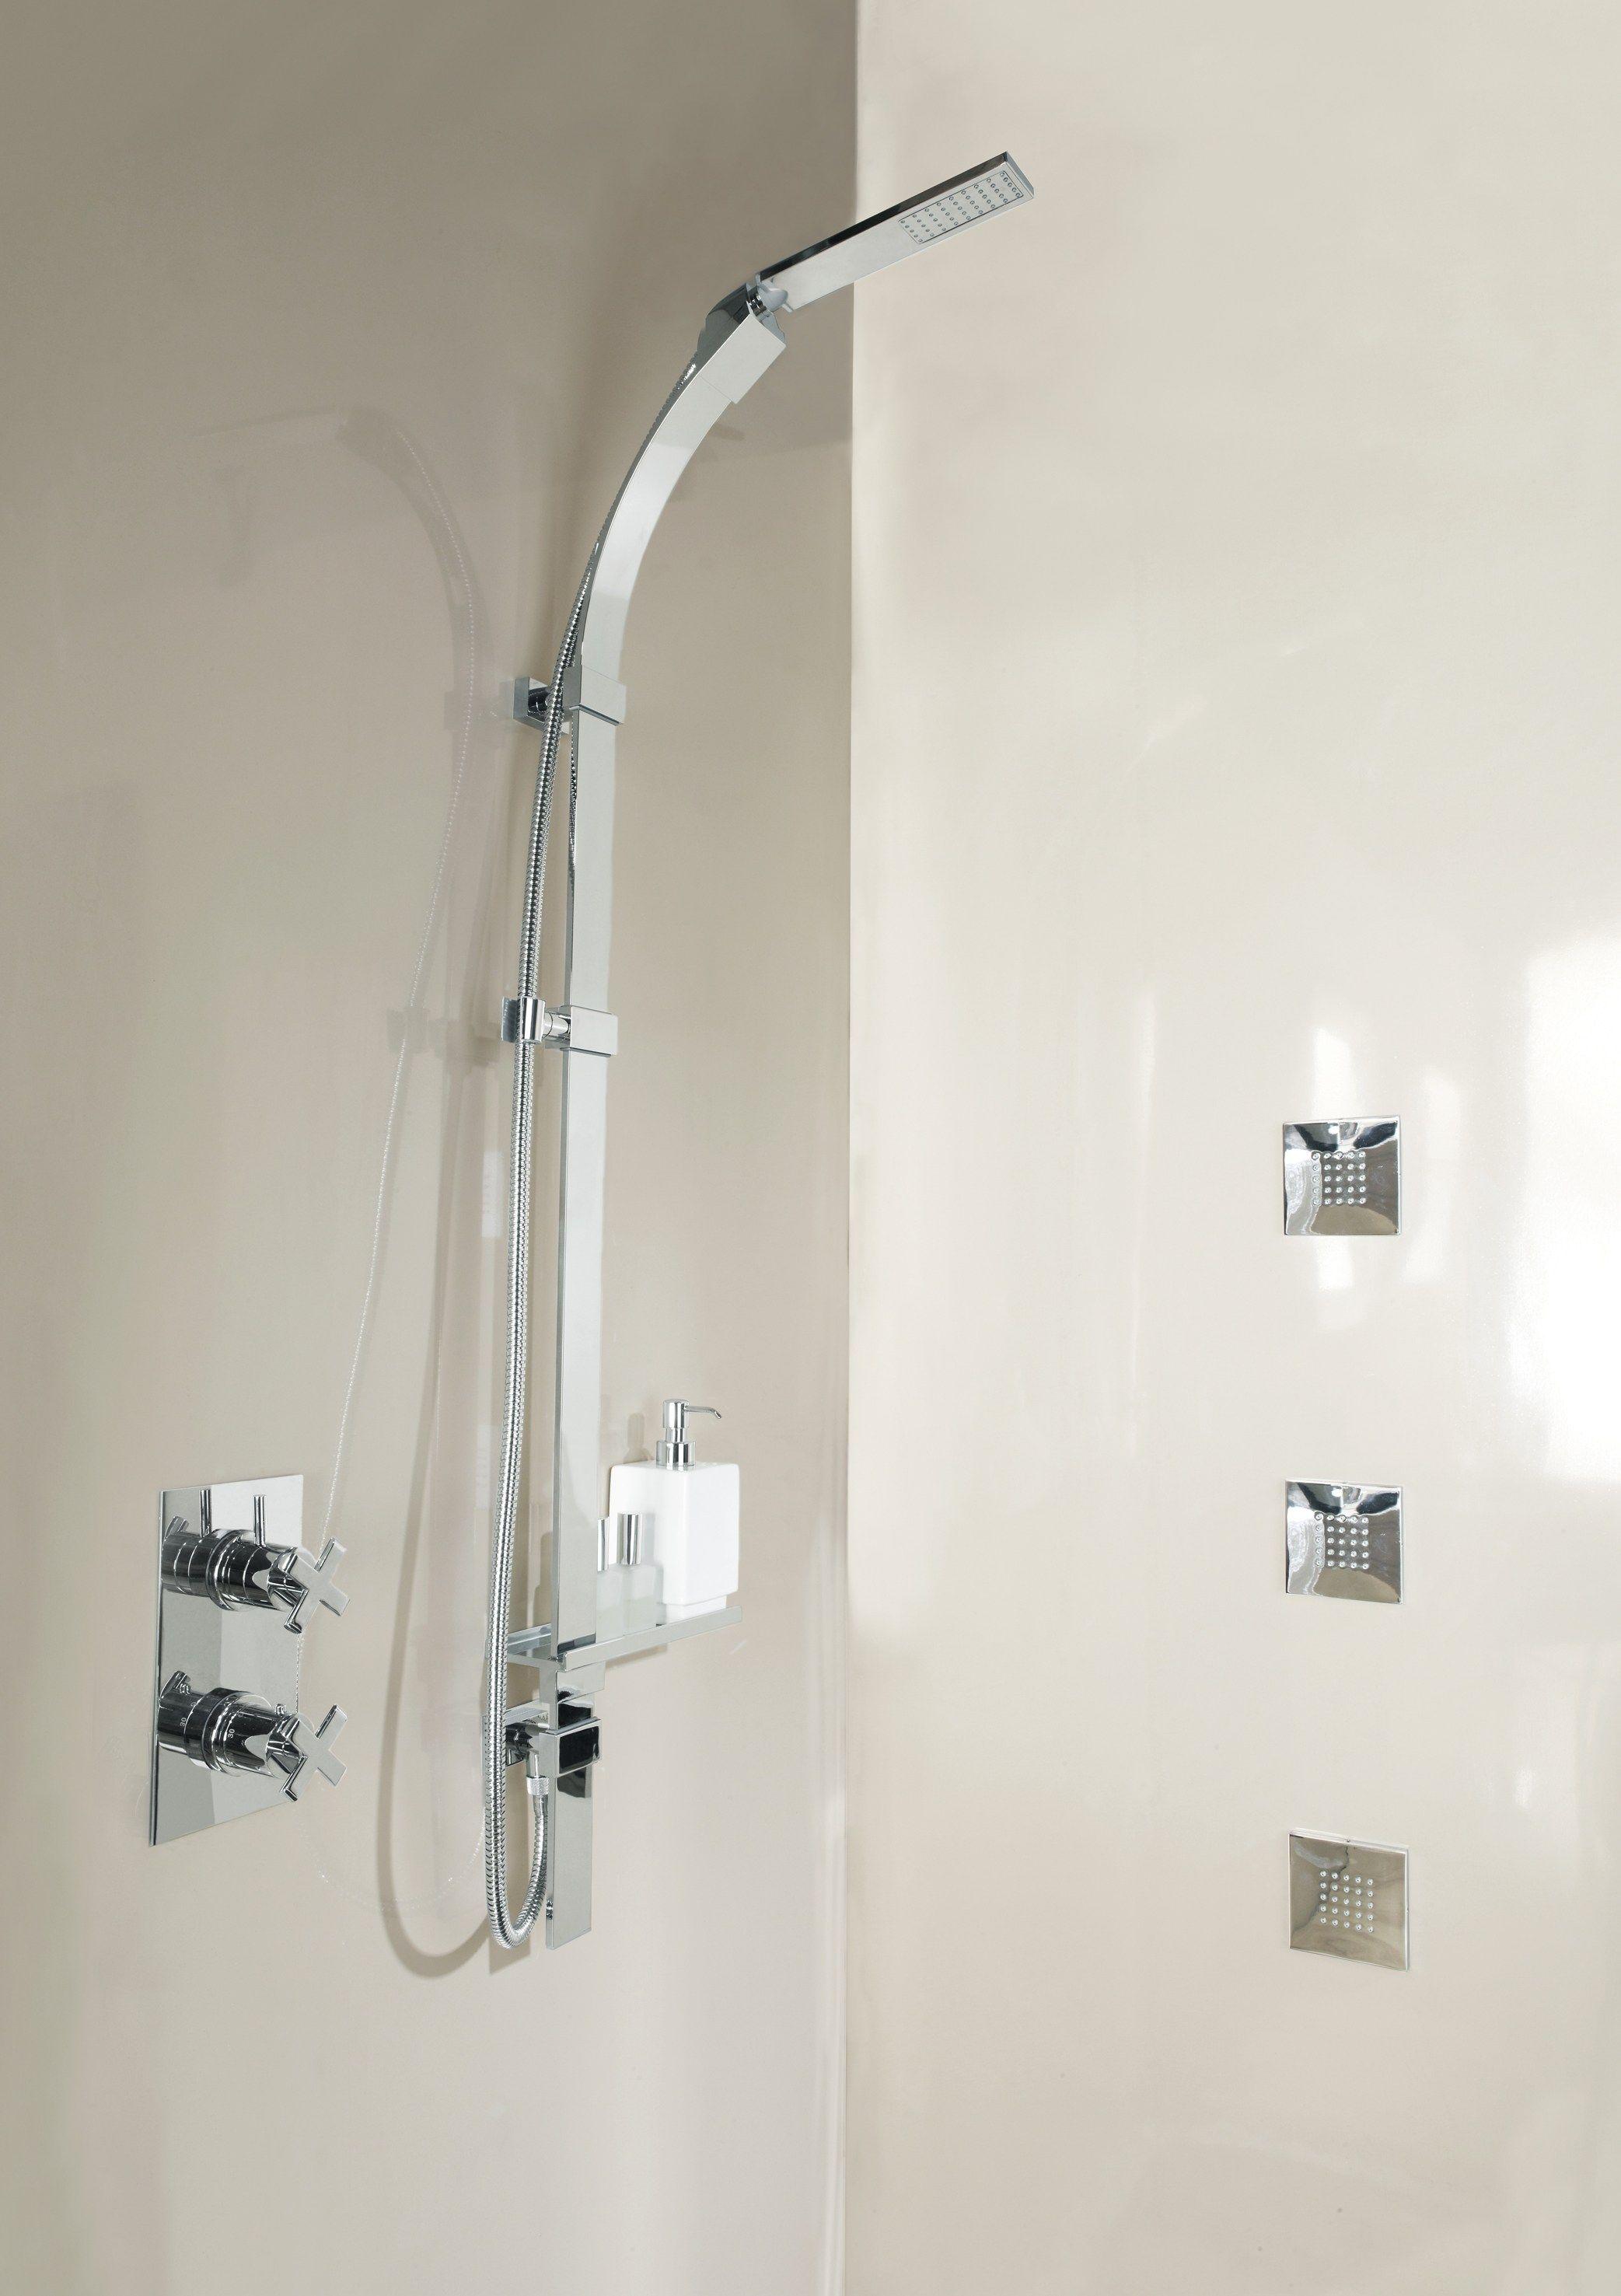 Asta saliscendi con doccetta con flessibile flat one by for Saliscendi per doccia